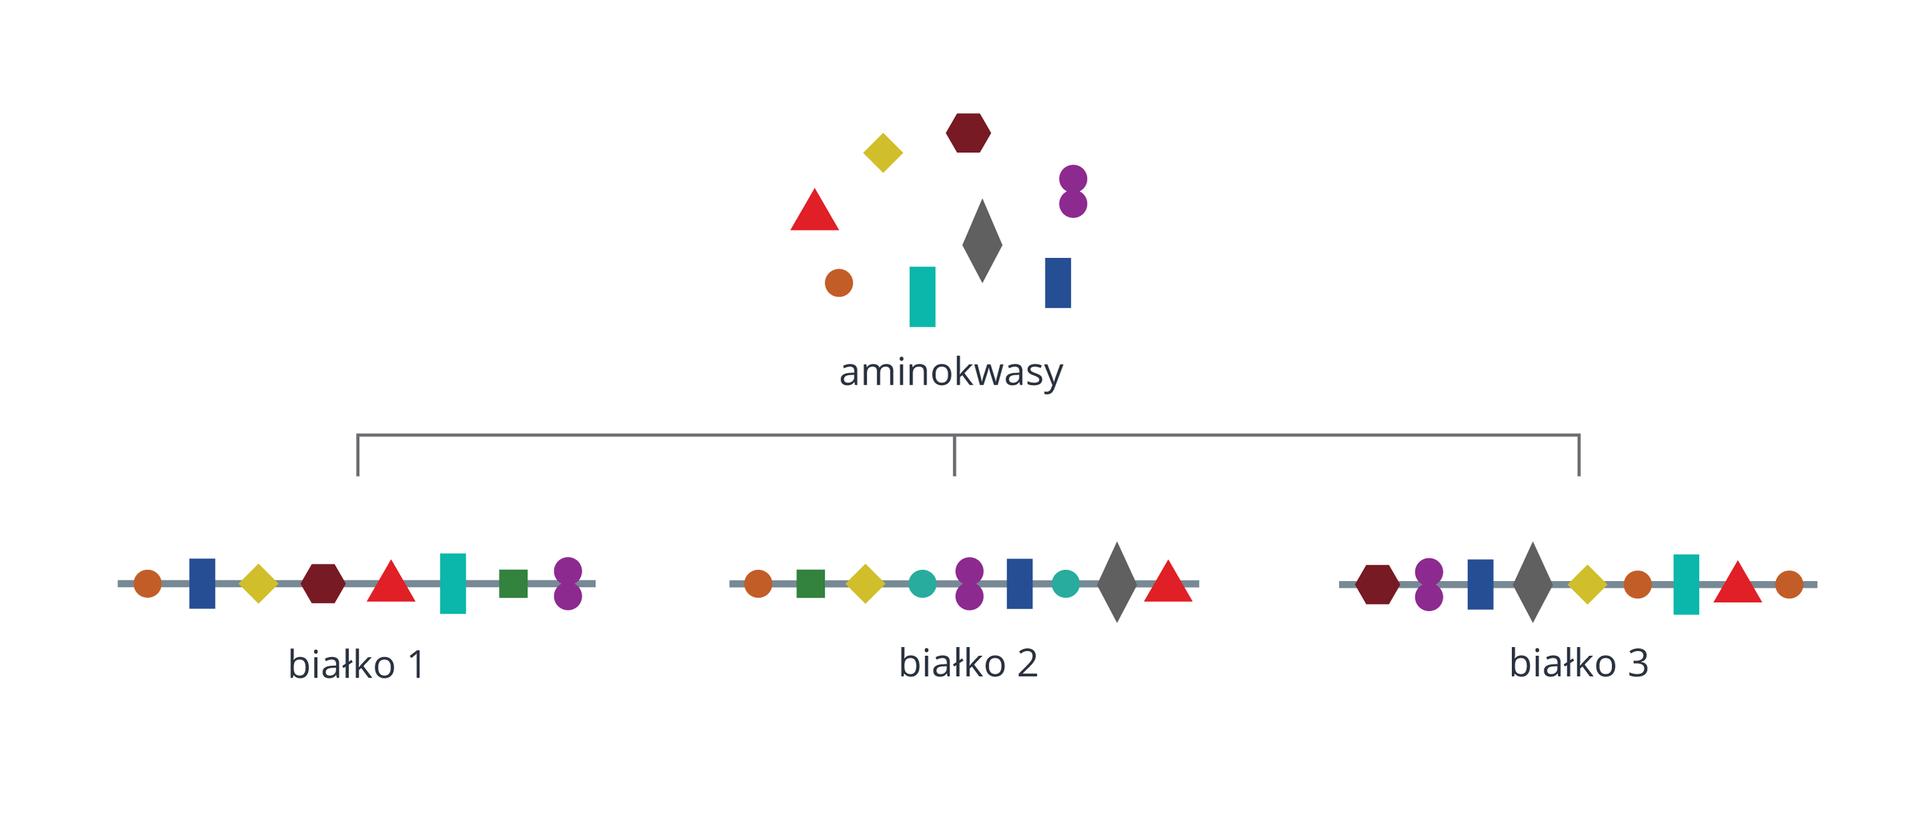 Ilustracja przedstawia zbiór kolorowych figur geometrycznych, obrazujących aminokwasy. Są tu kwadraty, prostokąty, kółka, romby, trójkąty. Poniżej znajdują się trzy łańcuchy białek, ułożone ztych figur. Każdy łańcuch ma inną kolejność aminokwasów, dlatego jest to inne białko.